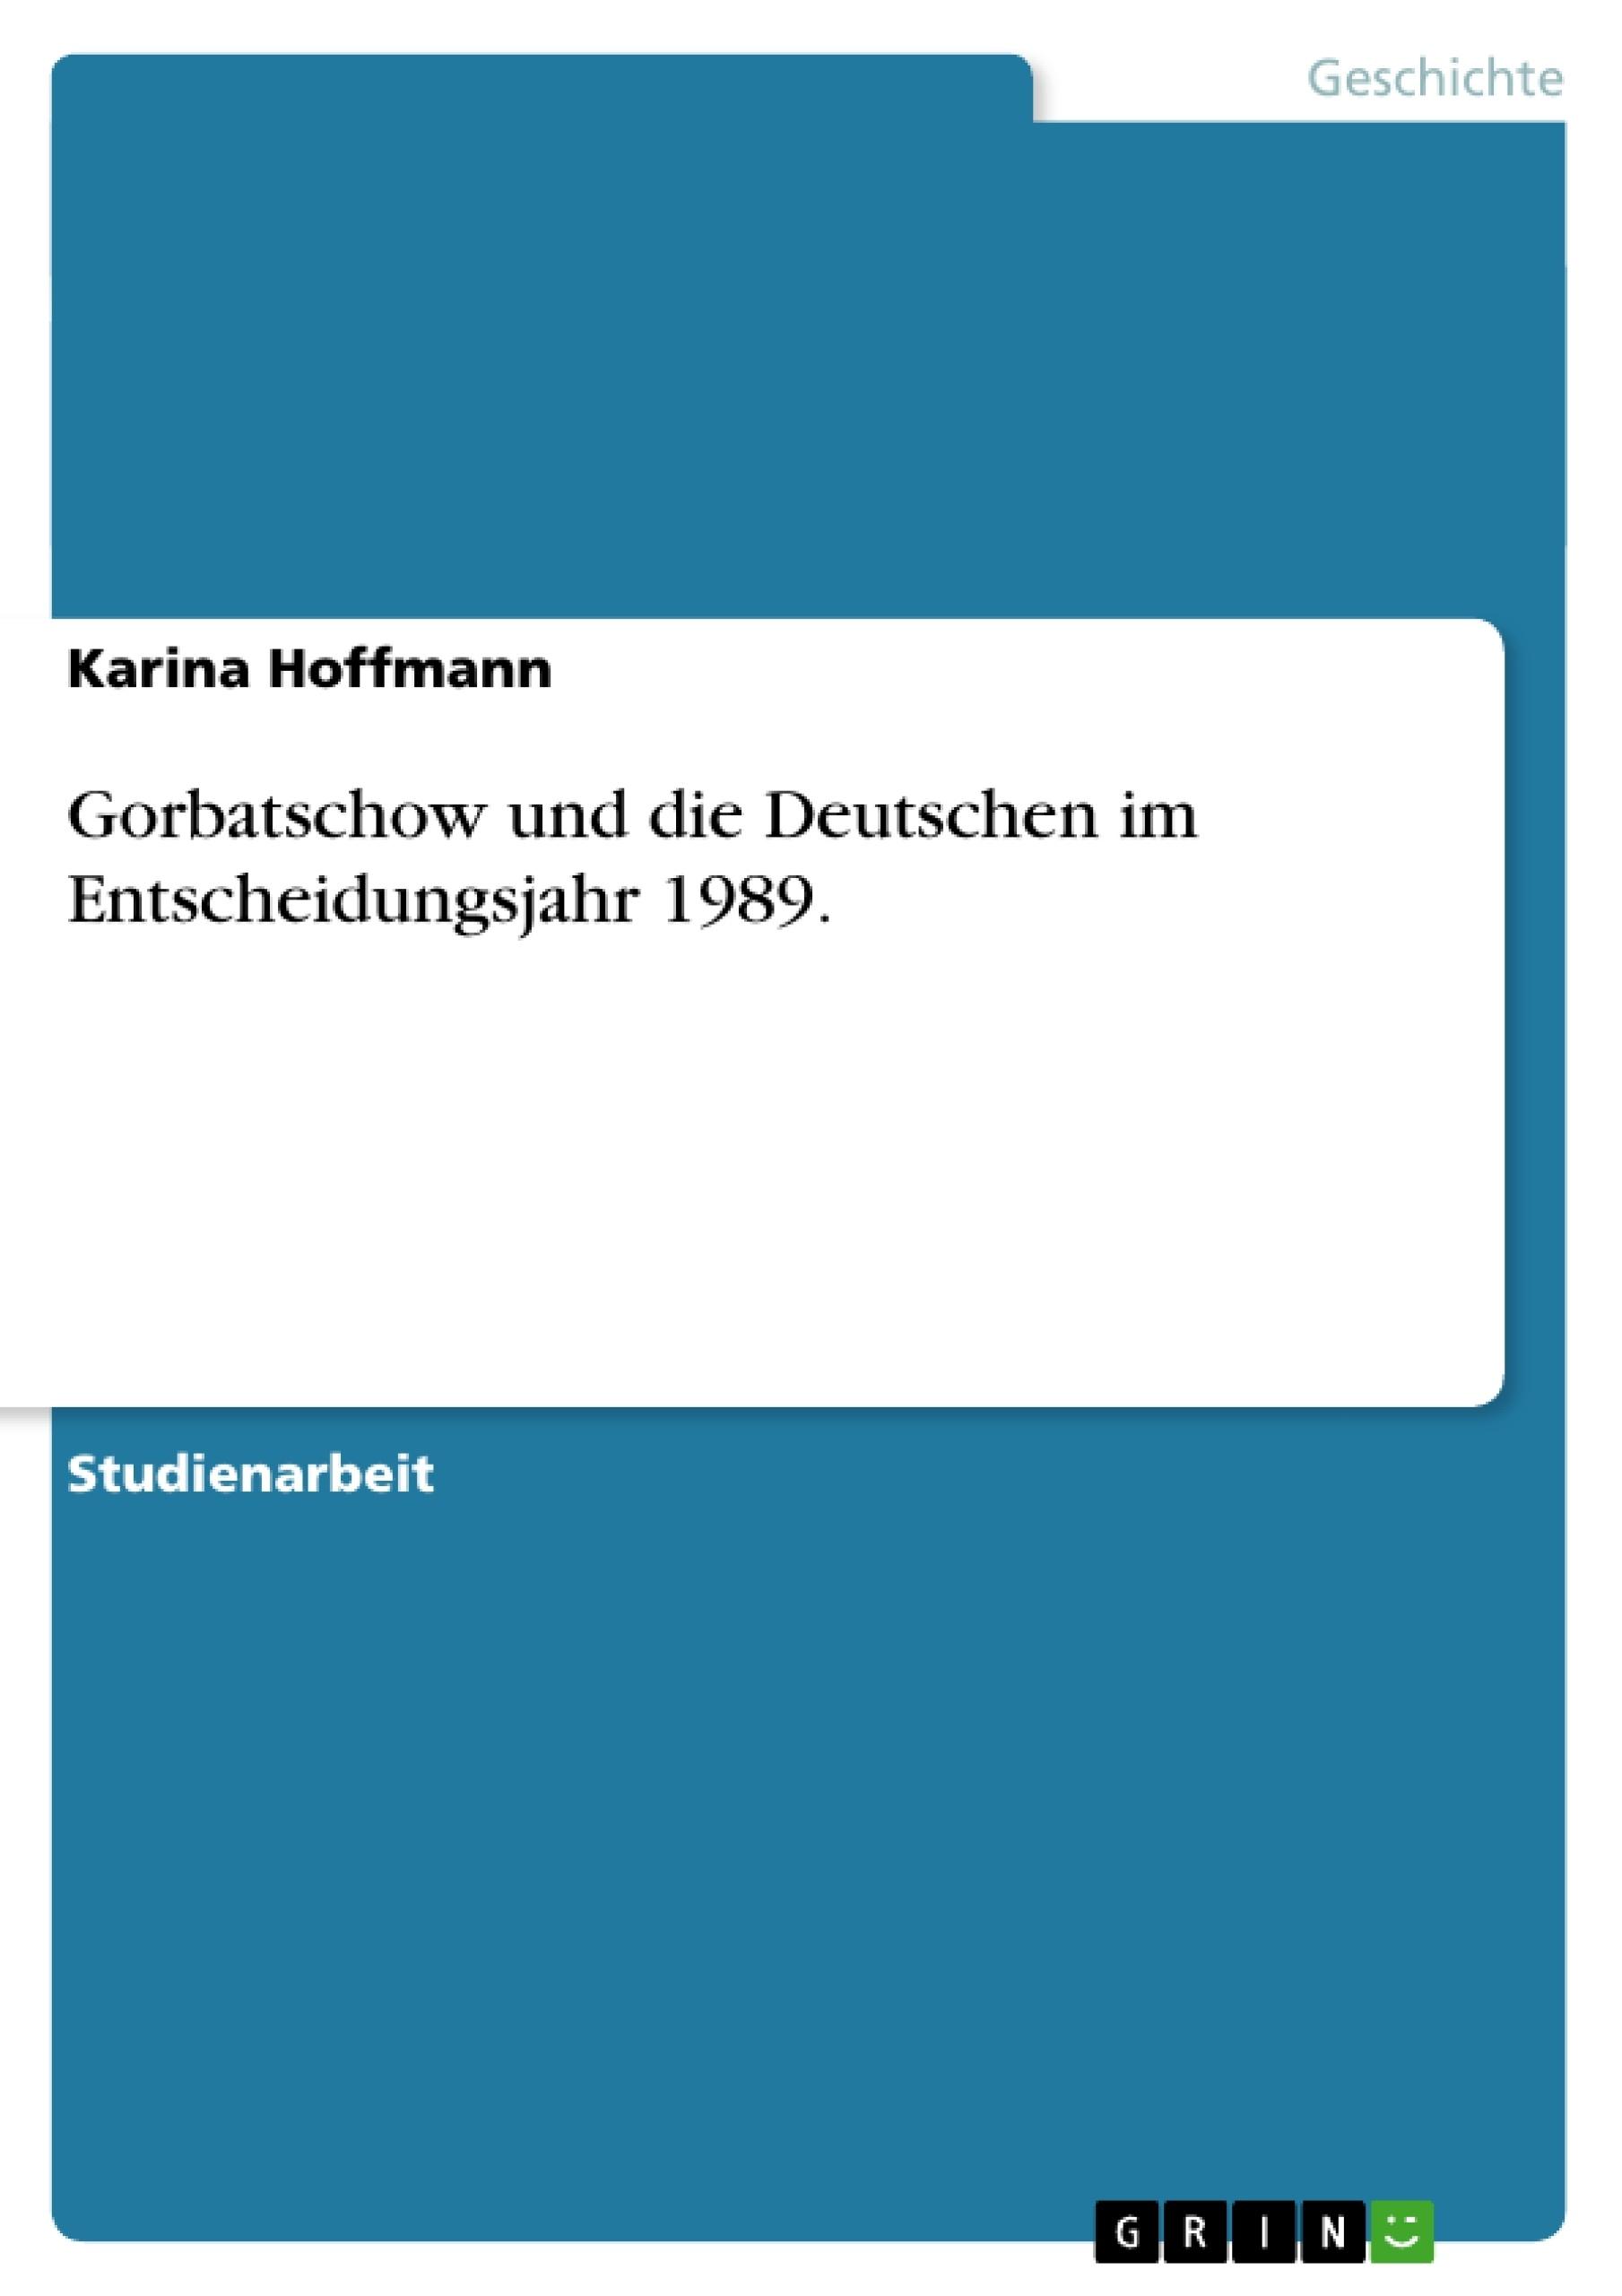 Titel: Gorbatschow und die Deutschen im Entscheidungsjahr 1989.